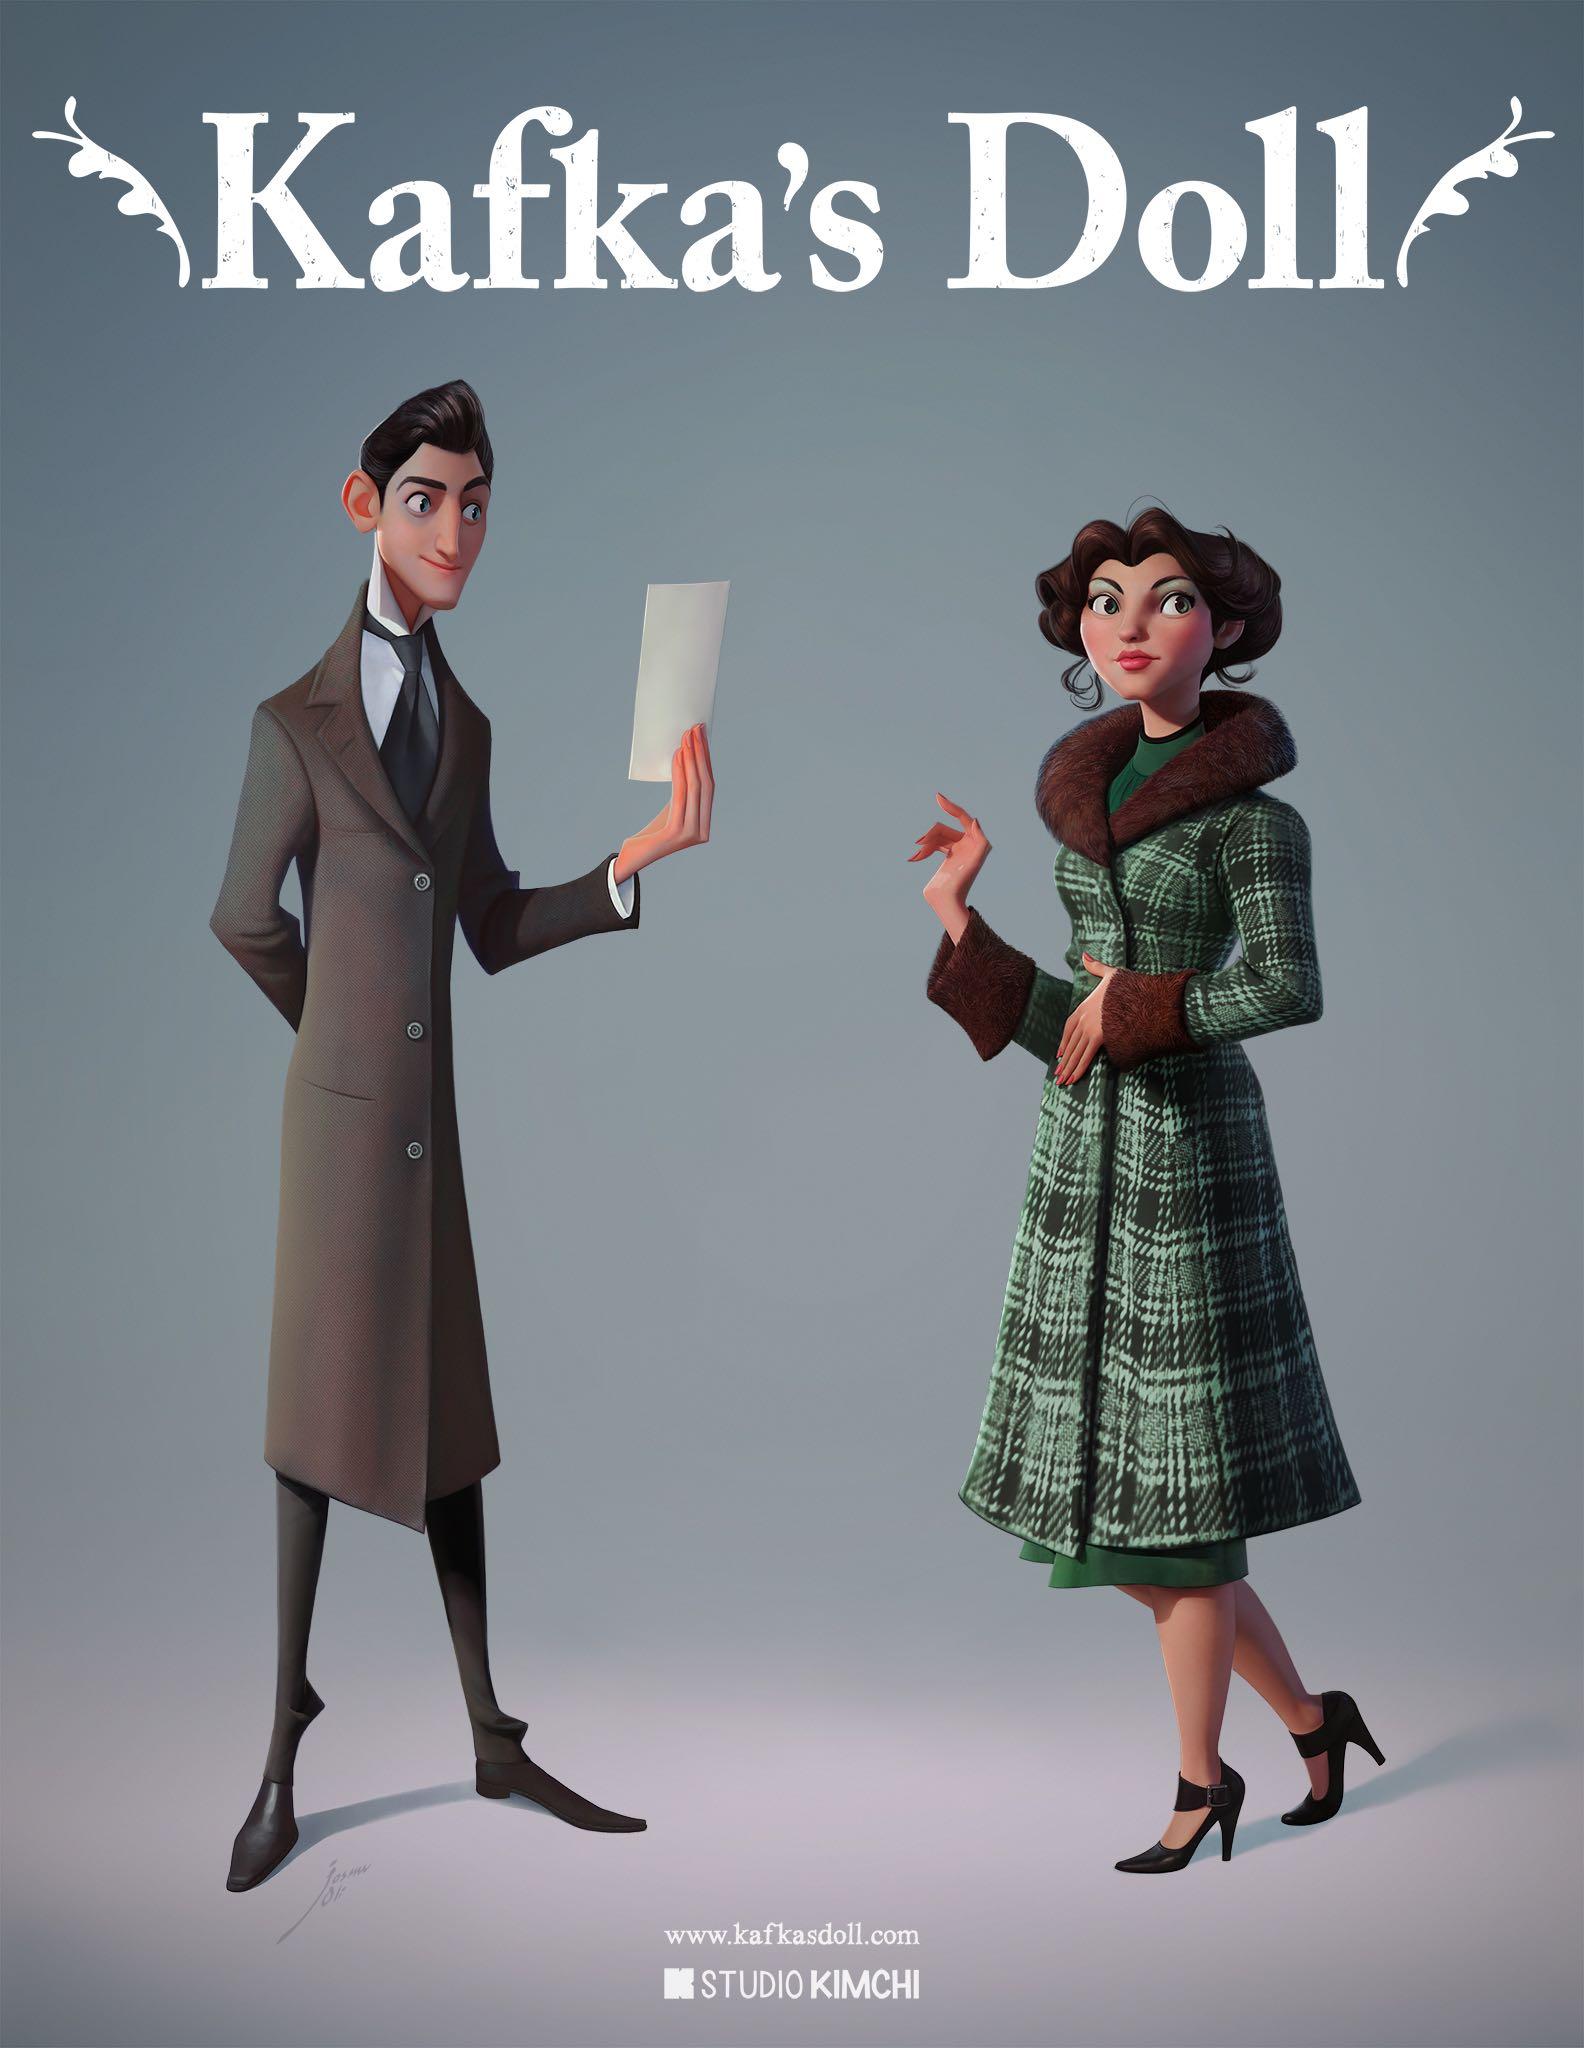 Franz and Dora